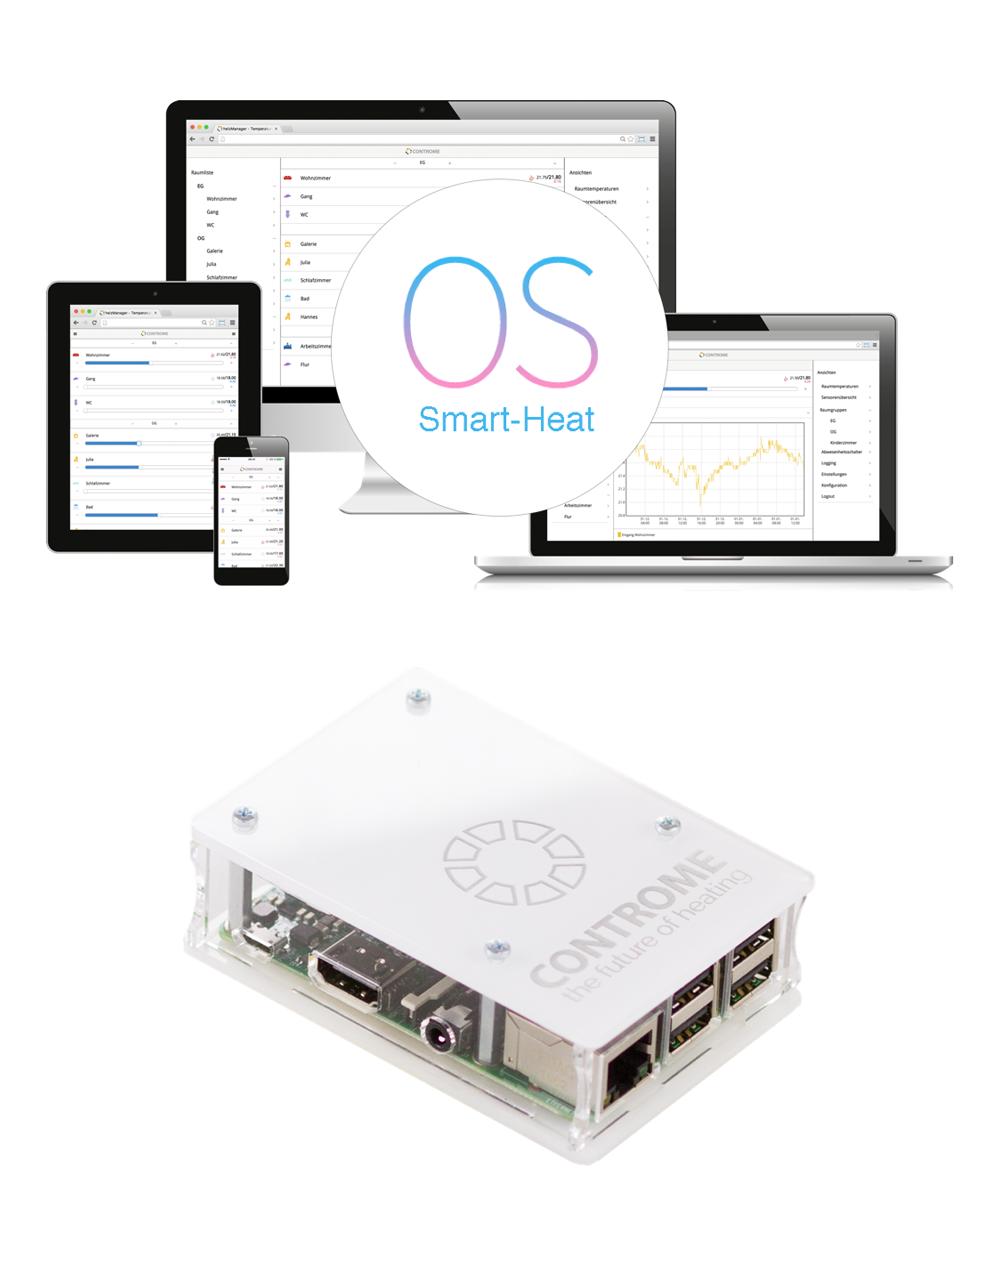 Smart Home Heizungssteuerung Mini Server Inkl Smart Heat Os